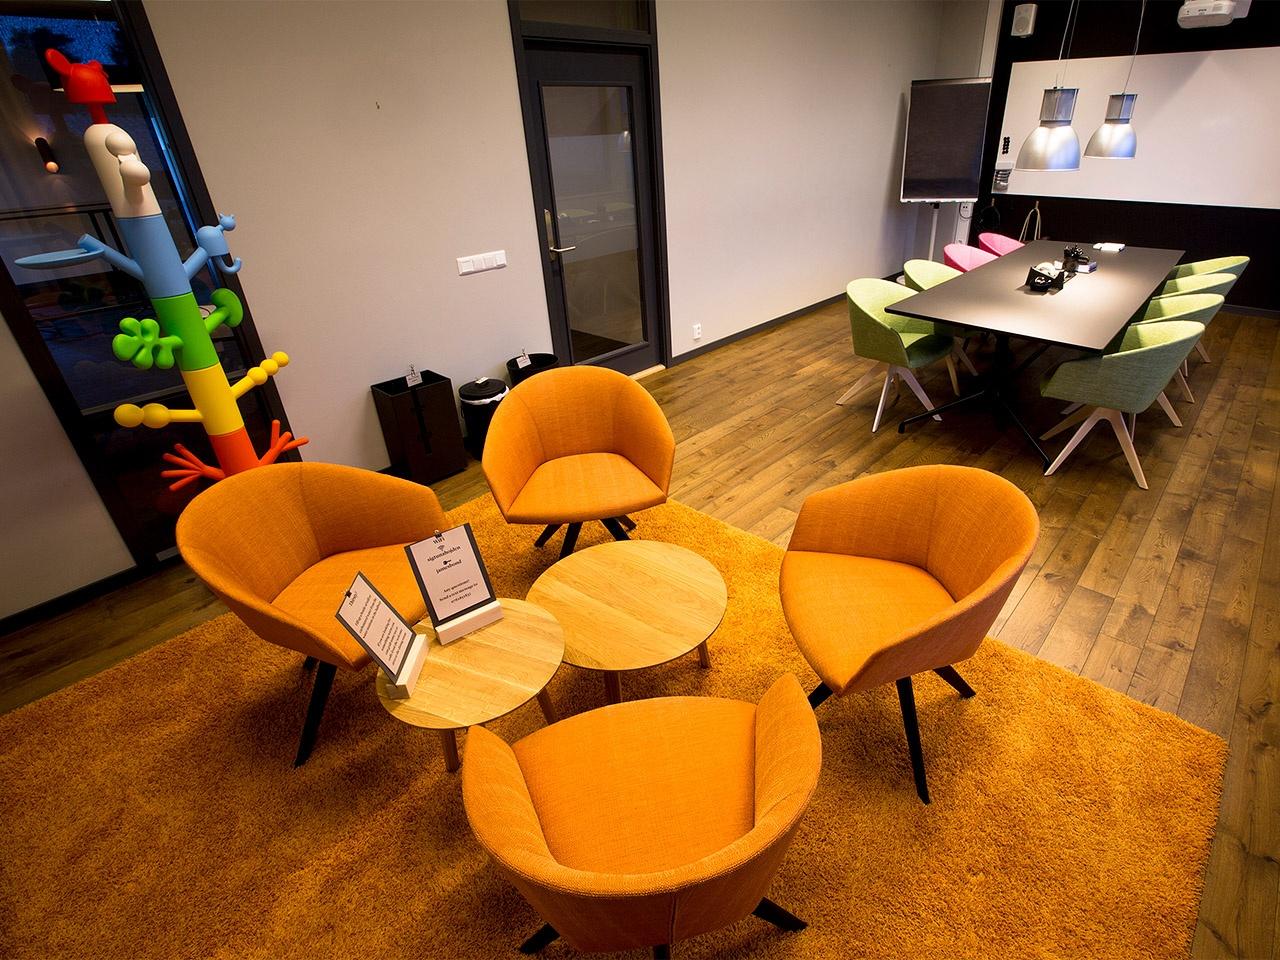 konferenslokal_sittning_kreativ_chicago